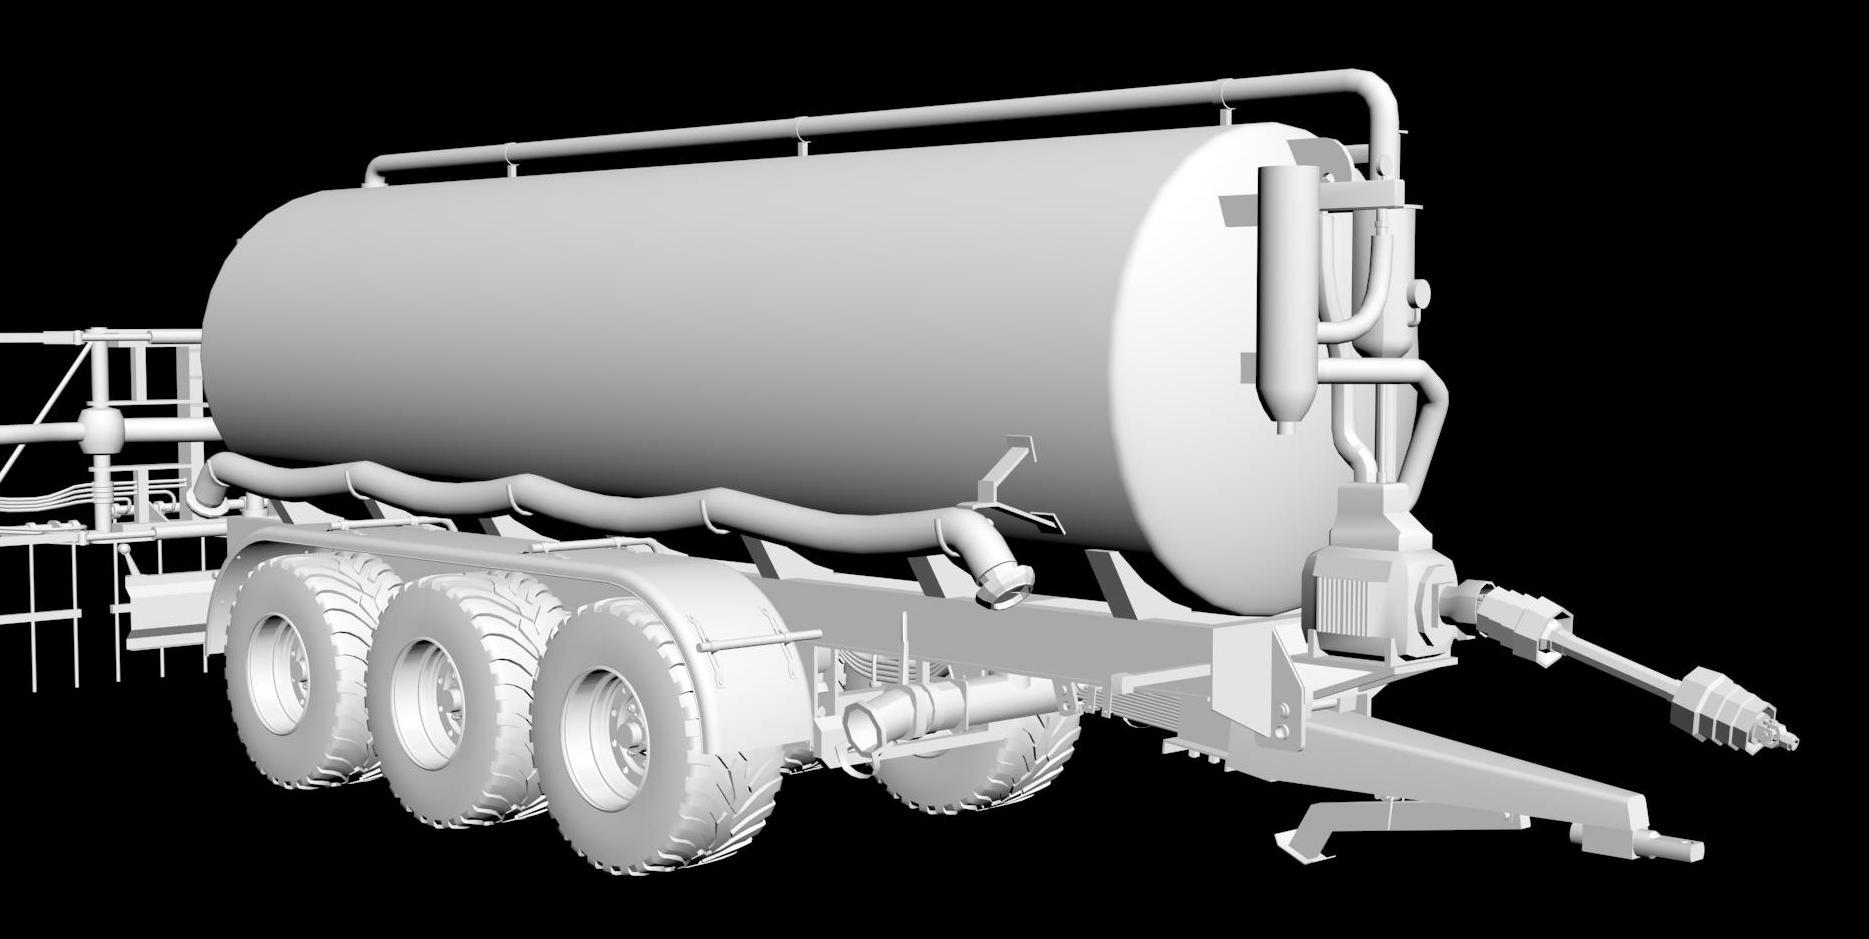 [Encuesta][T.E.P.] Proyecto Aguas Tenias (22 modelos + 1 Camión) [Terminado 21-4-2014]. - Página 5 Cistermatridendebrazovkuuj